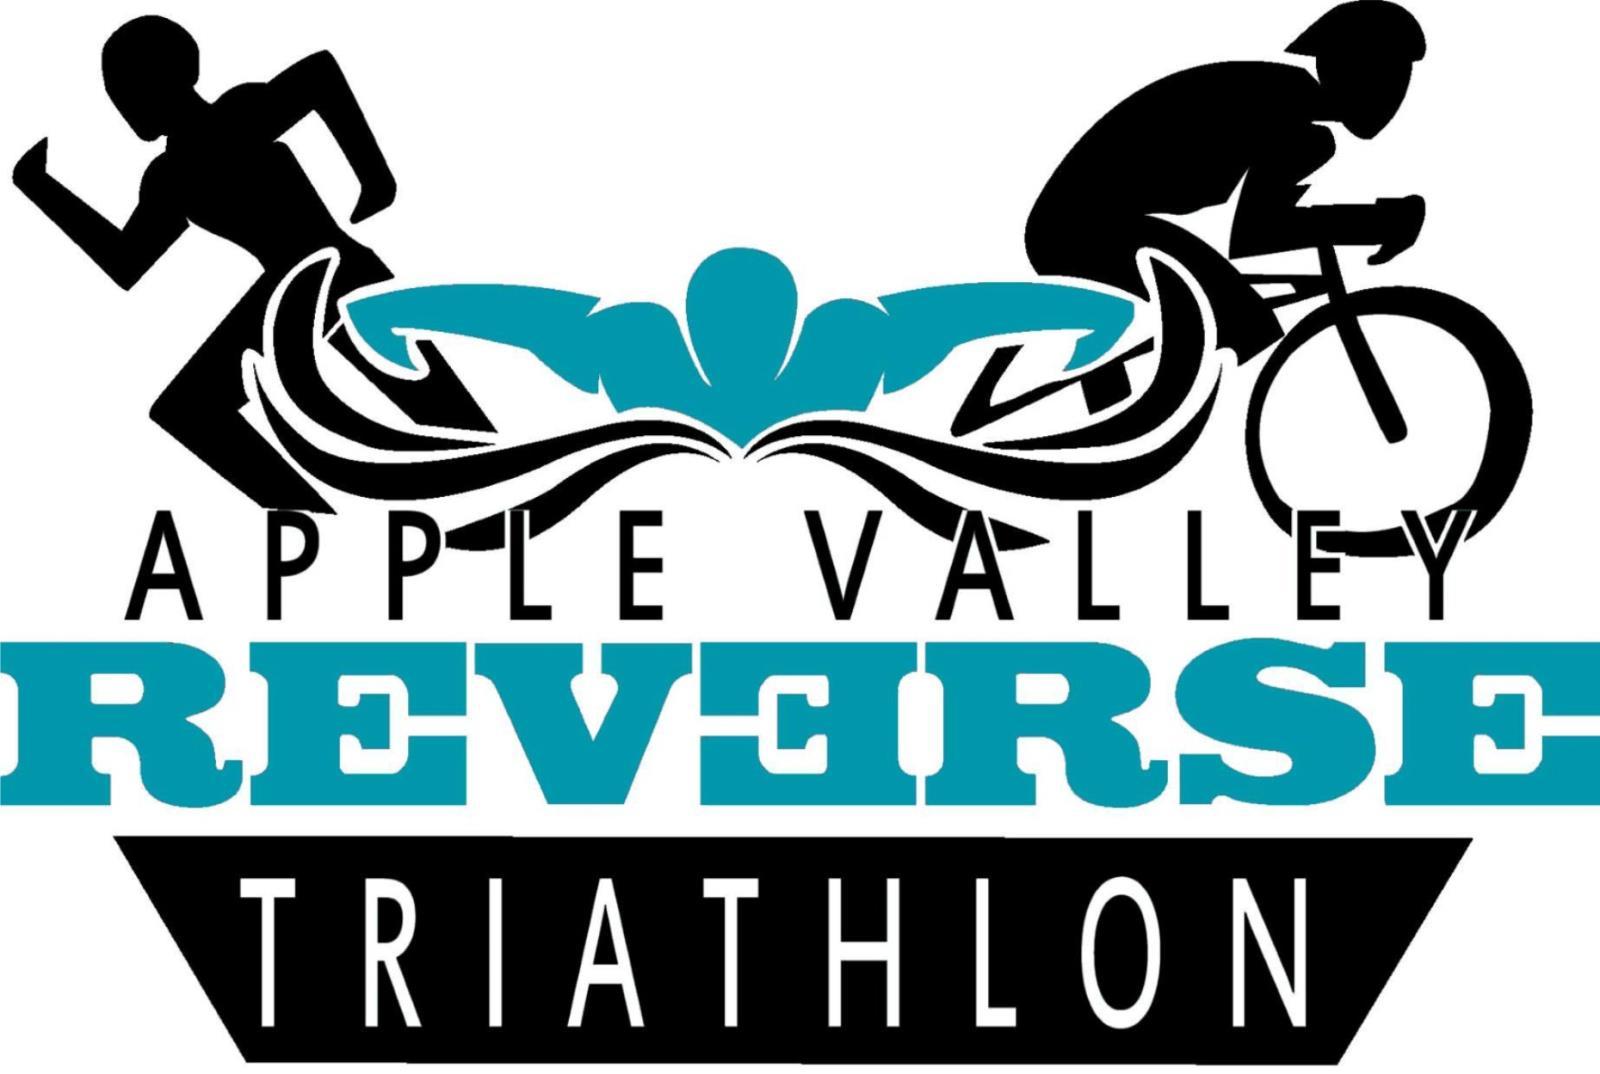 Apple Valley Fall Reverse Triathlon